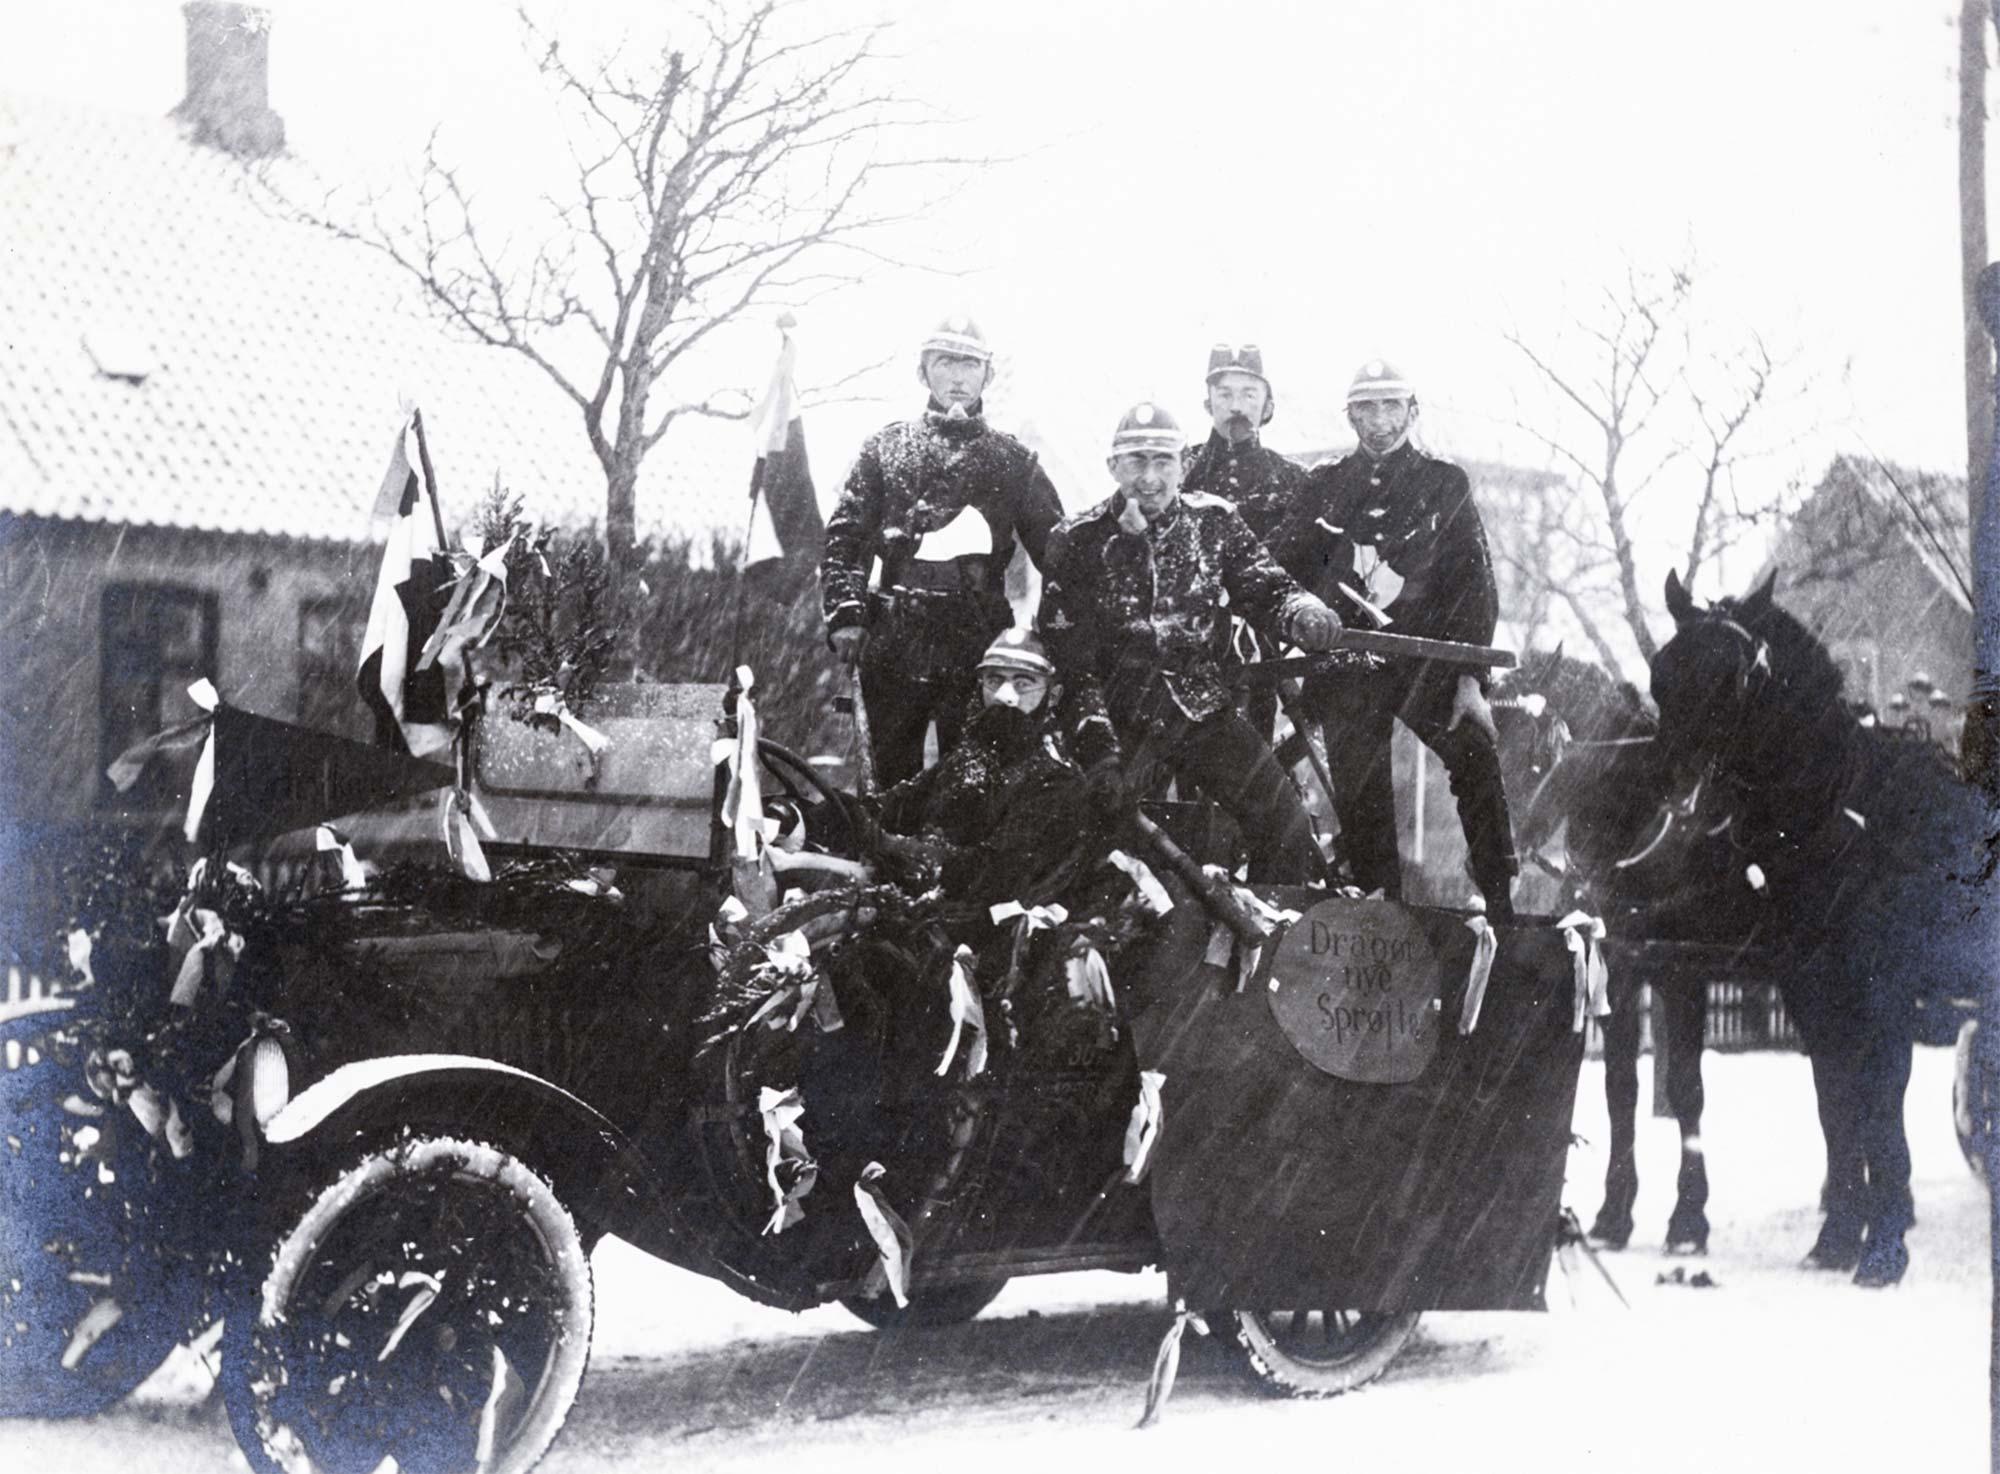 Dragør Boldklubs fastelavnsoptog, ca. 1930. Fotos: Historisk Arkiv Dragør.